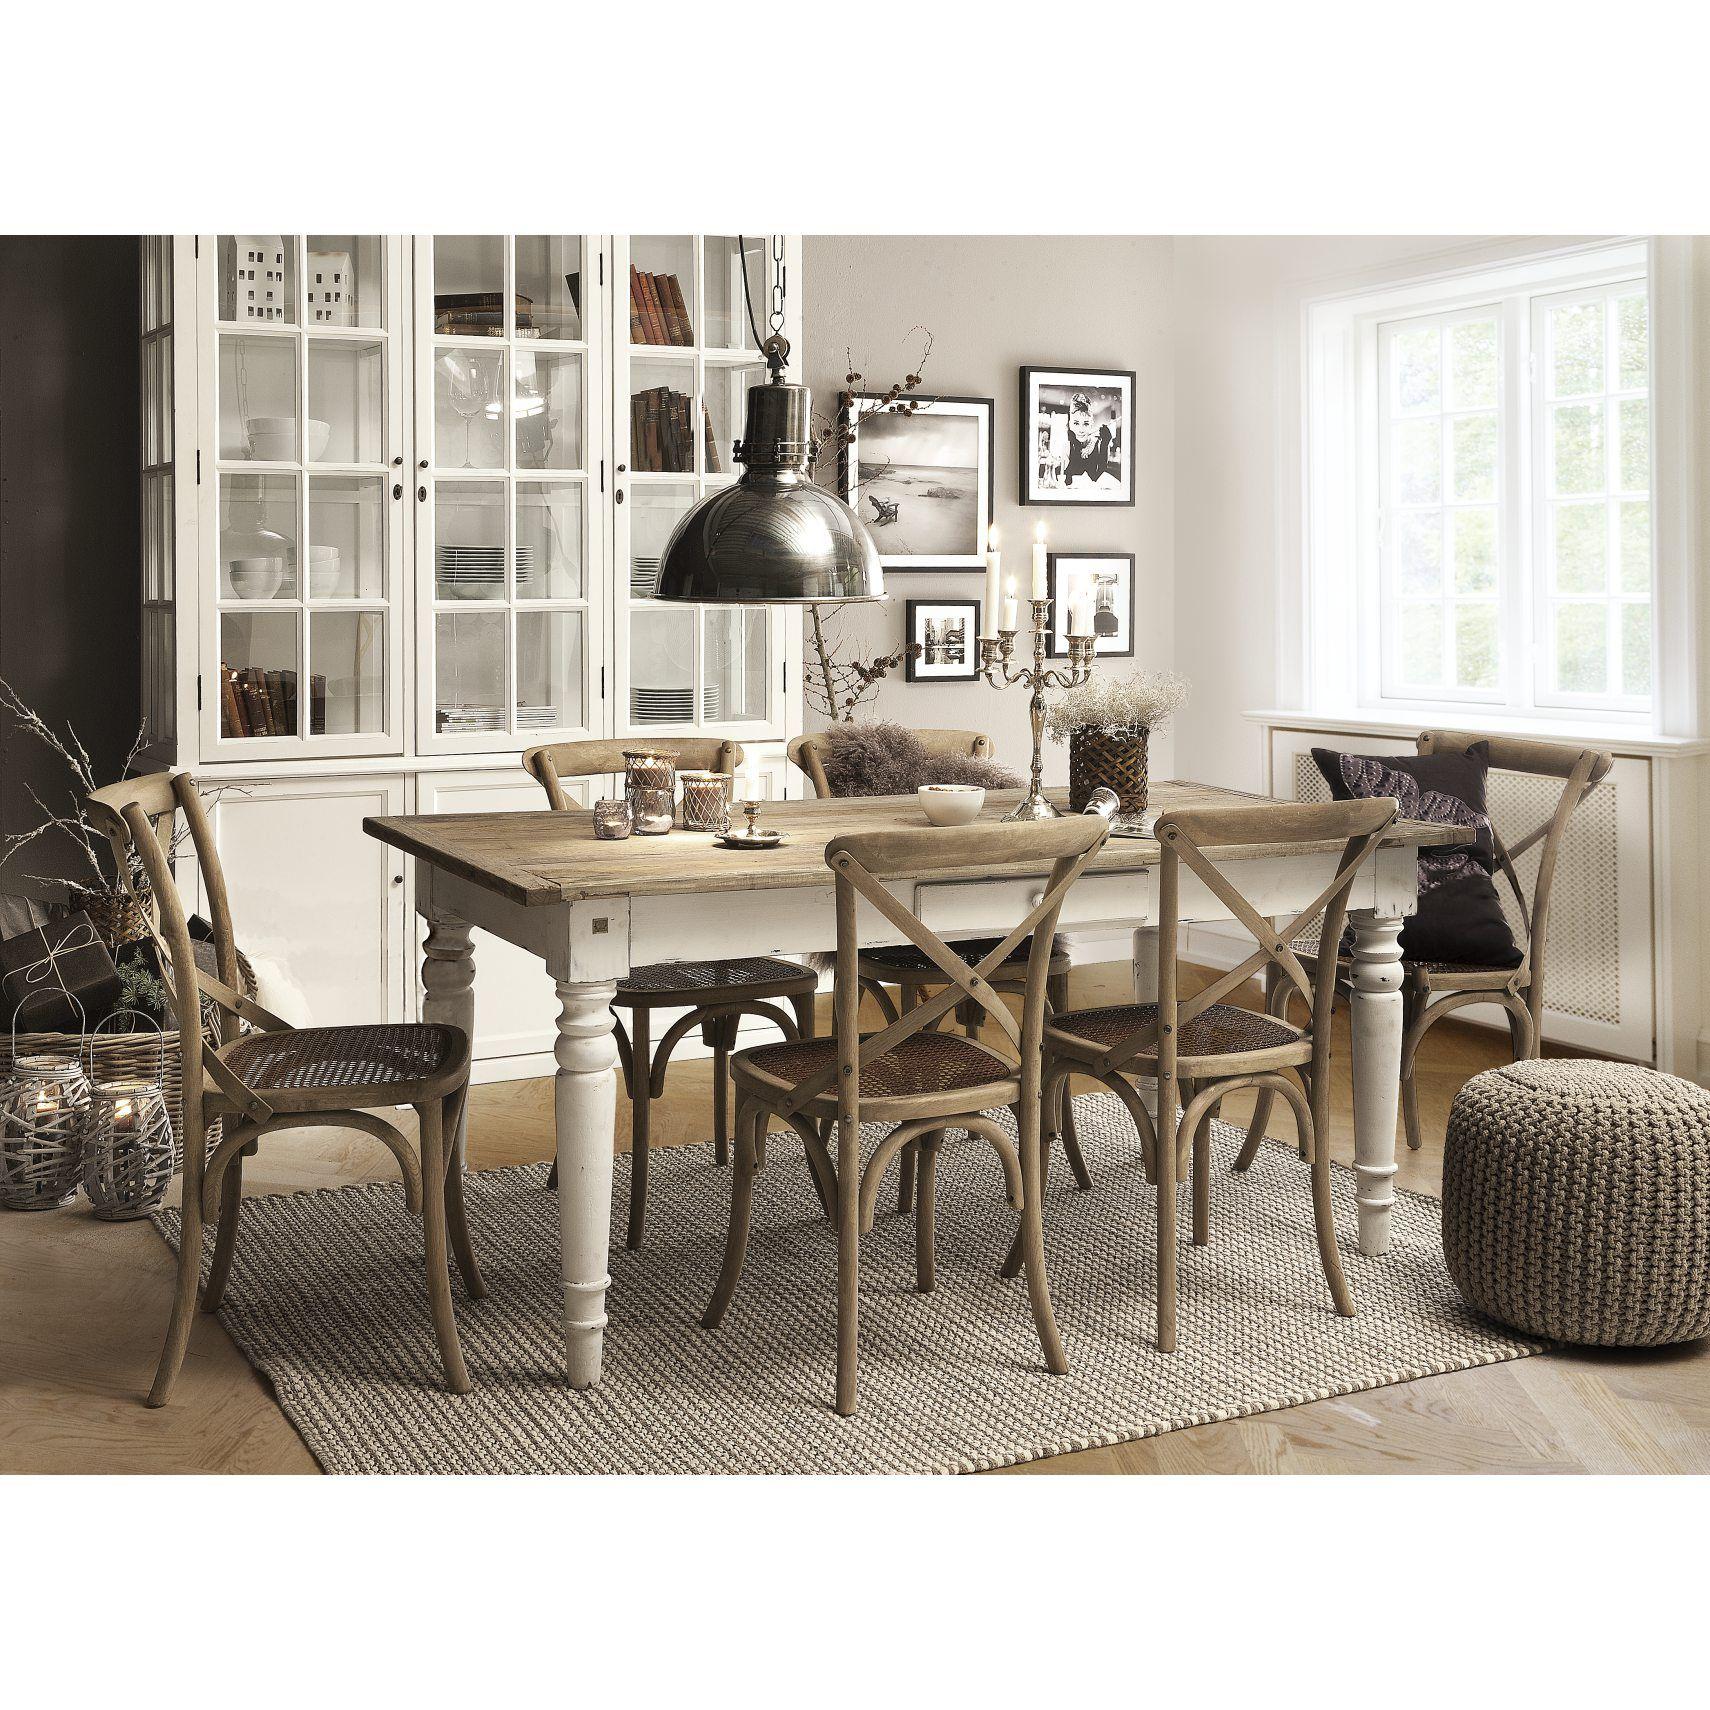 Spisebord med bordplade i genbrugs elmetræ og hvidmalede ben.  Møbler lavet i genbrugstræ har hver især deres unikke udtryk. Variationer i højde, bredde og længde kan forekomme